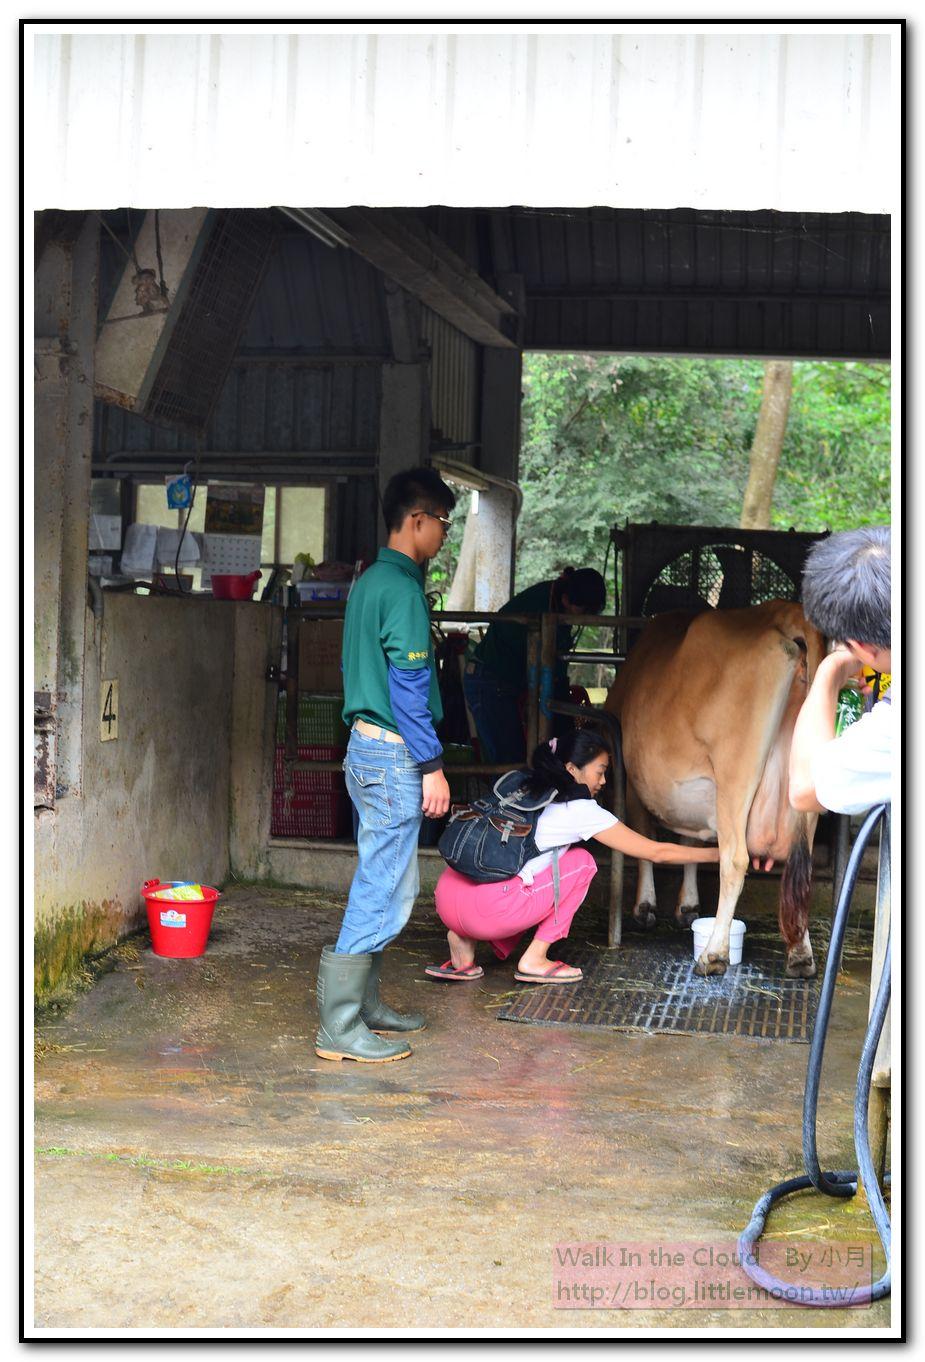 乳牛媽媽的家之擠牛奶體驗區